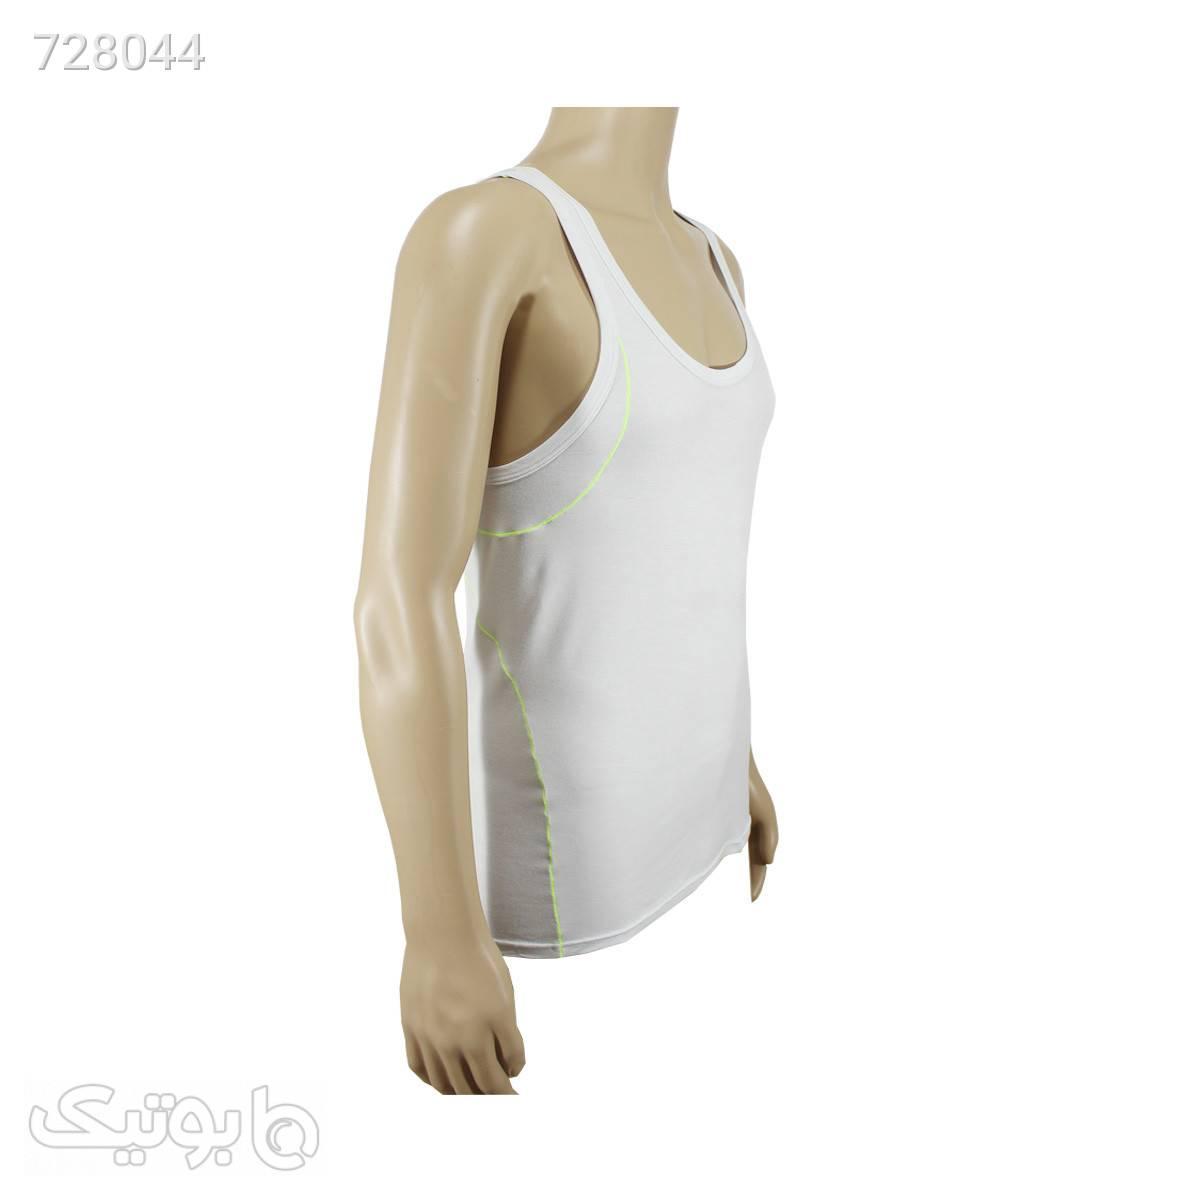 زیرپوش مردانه مودال سفید پشت قهرمانی Calvin klein کدu1086 سفید لباس زیر مردانه